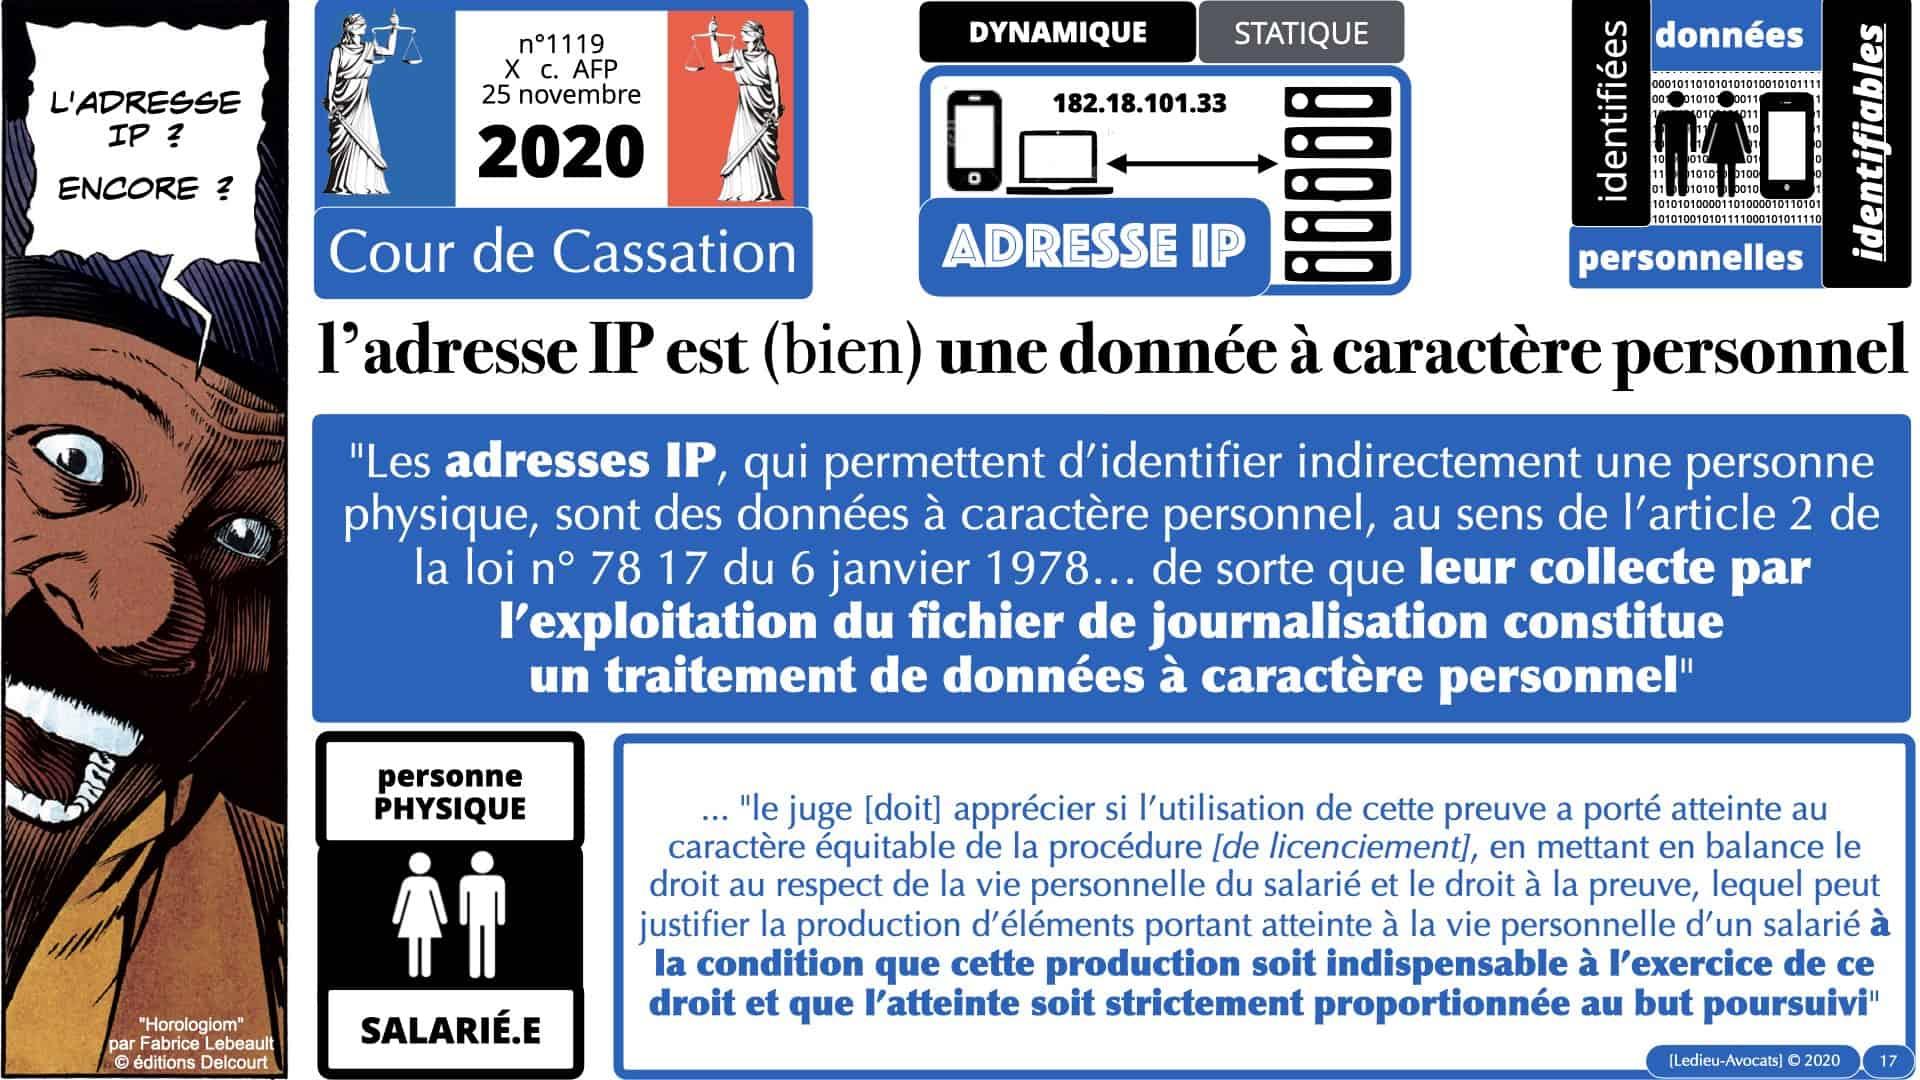 314 PRO BTP © Ledieu-avocat 03-12-2020.017